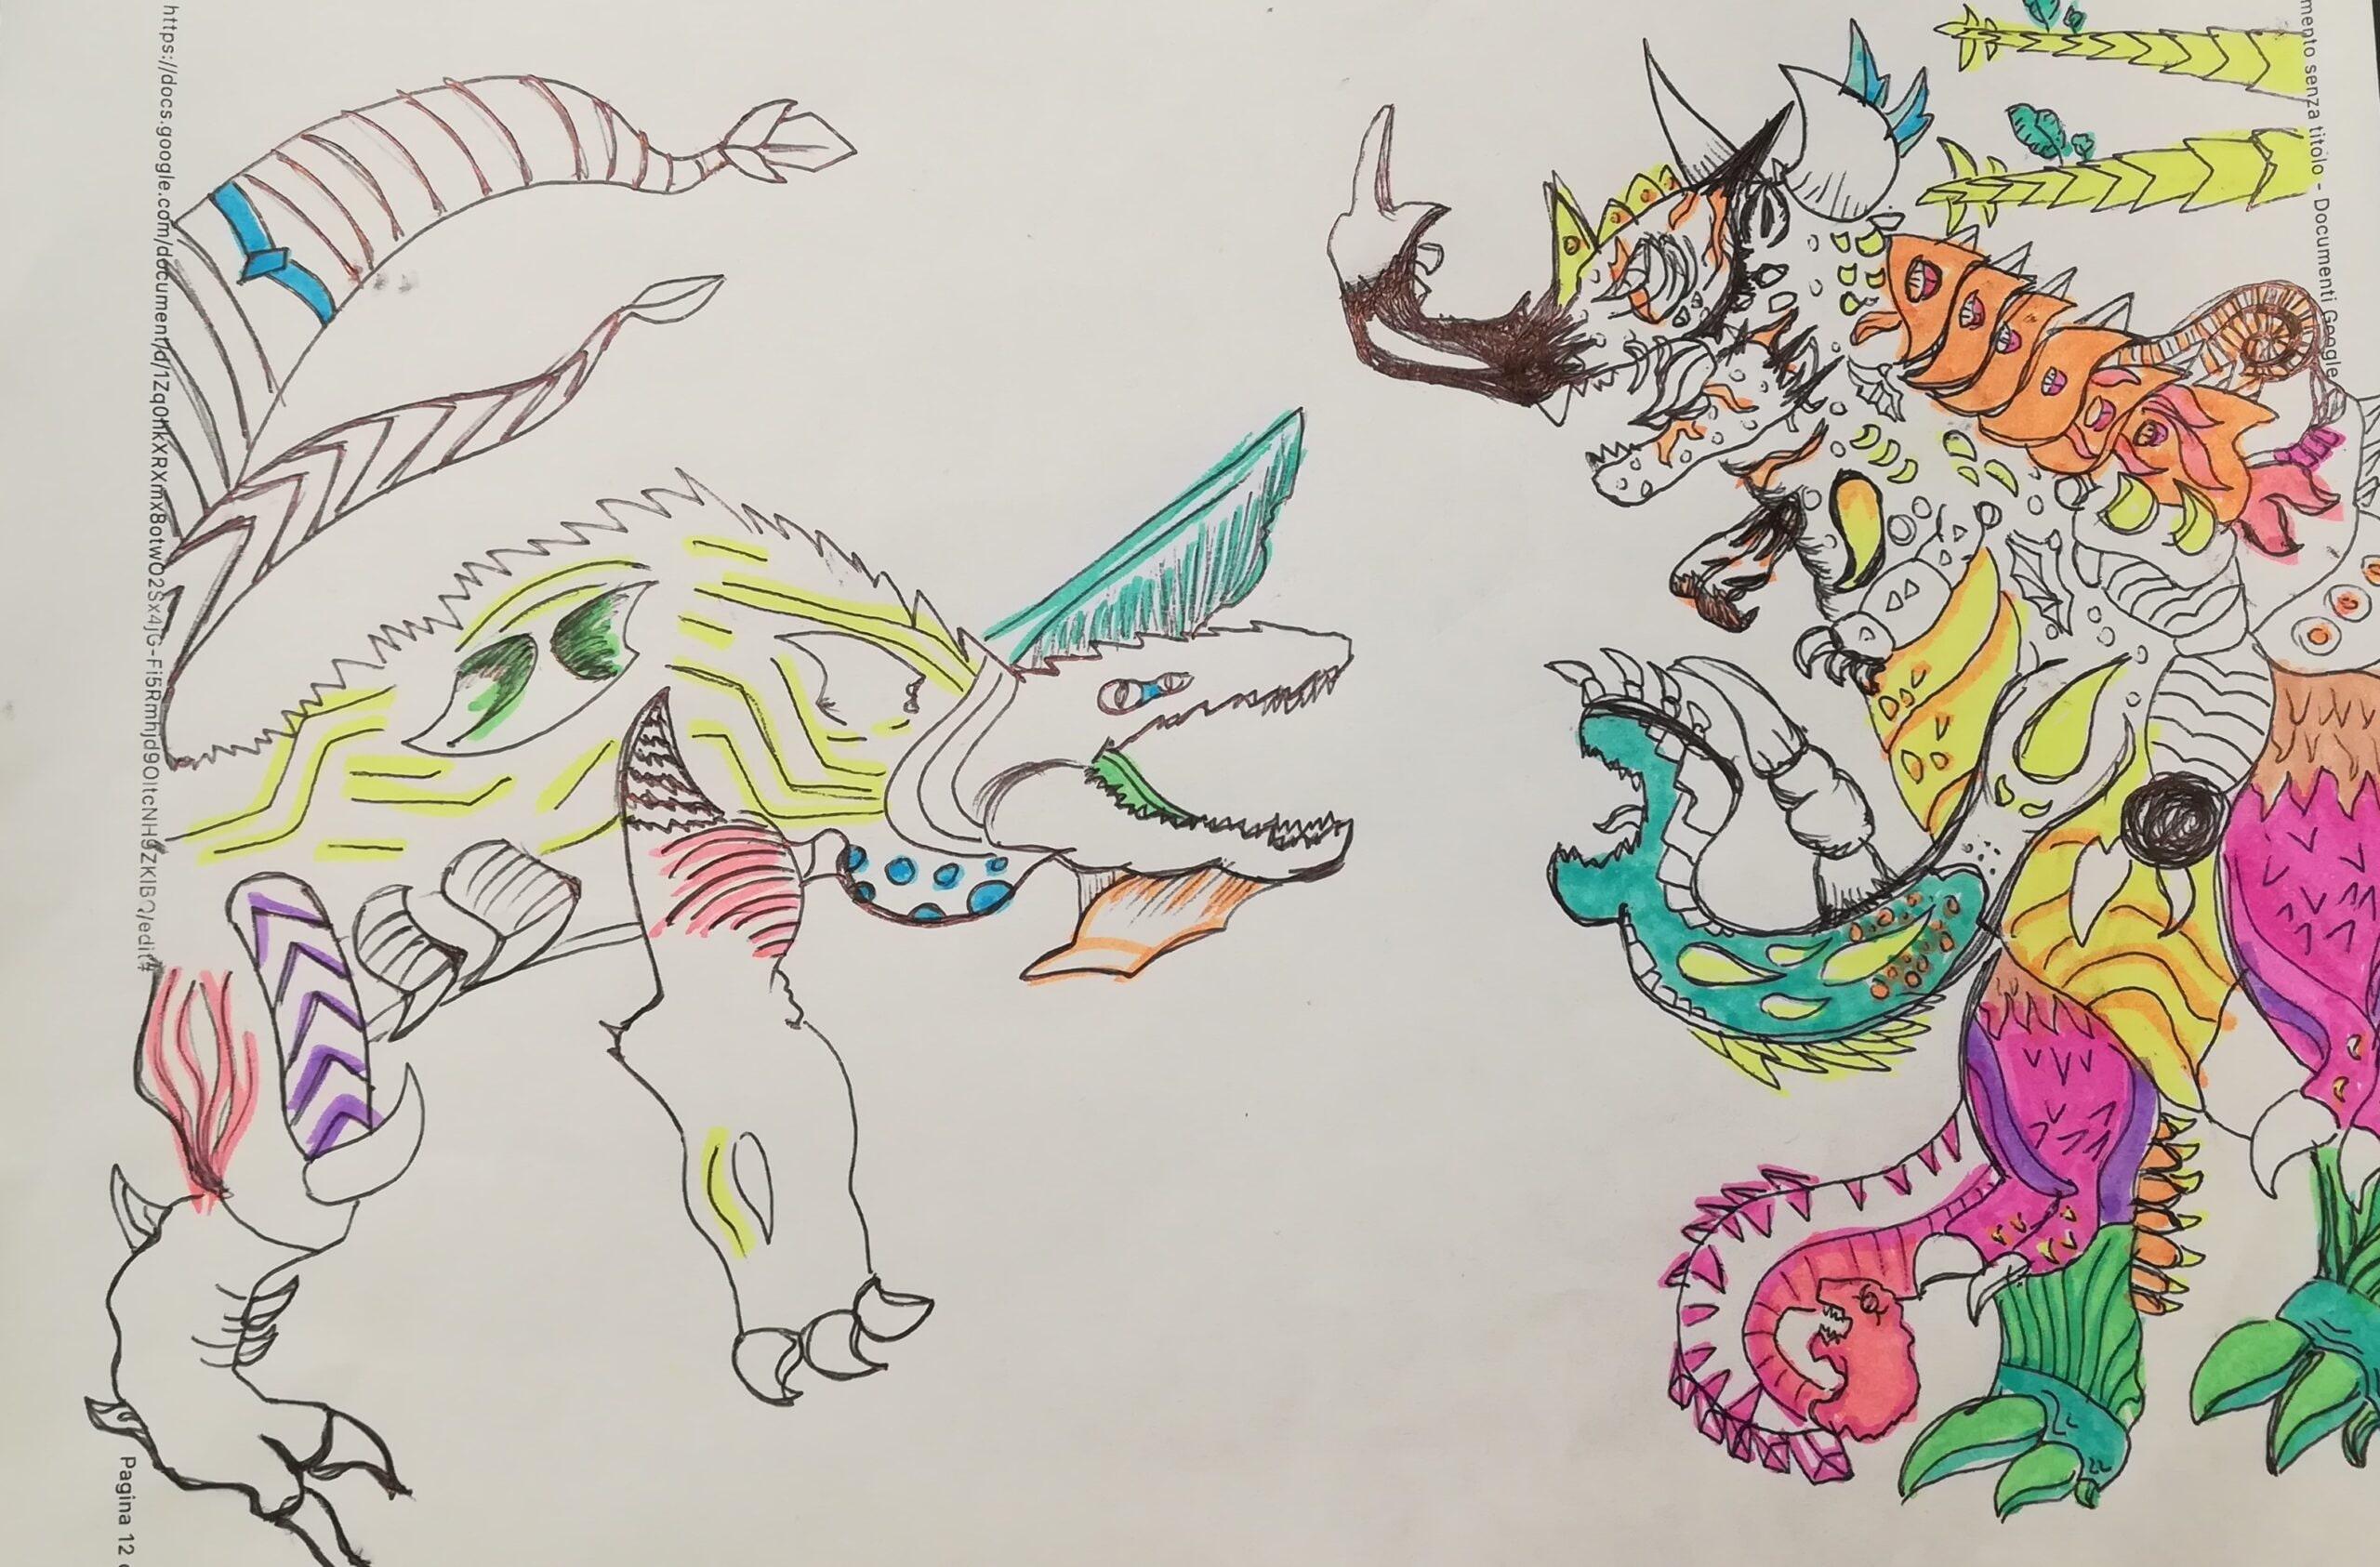 Gallery, creature fantastiche nei disegni dei focusini